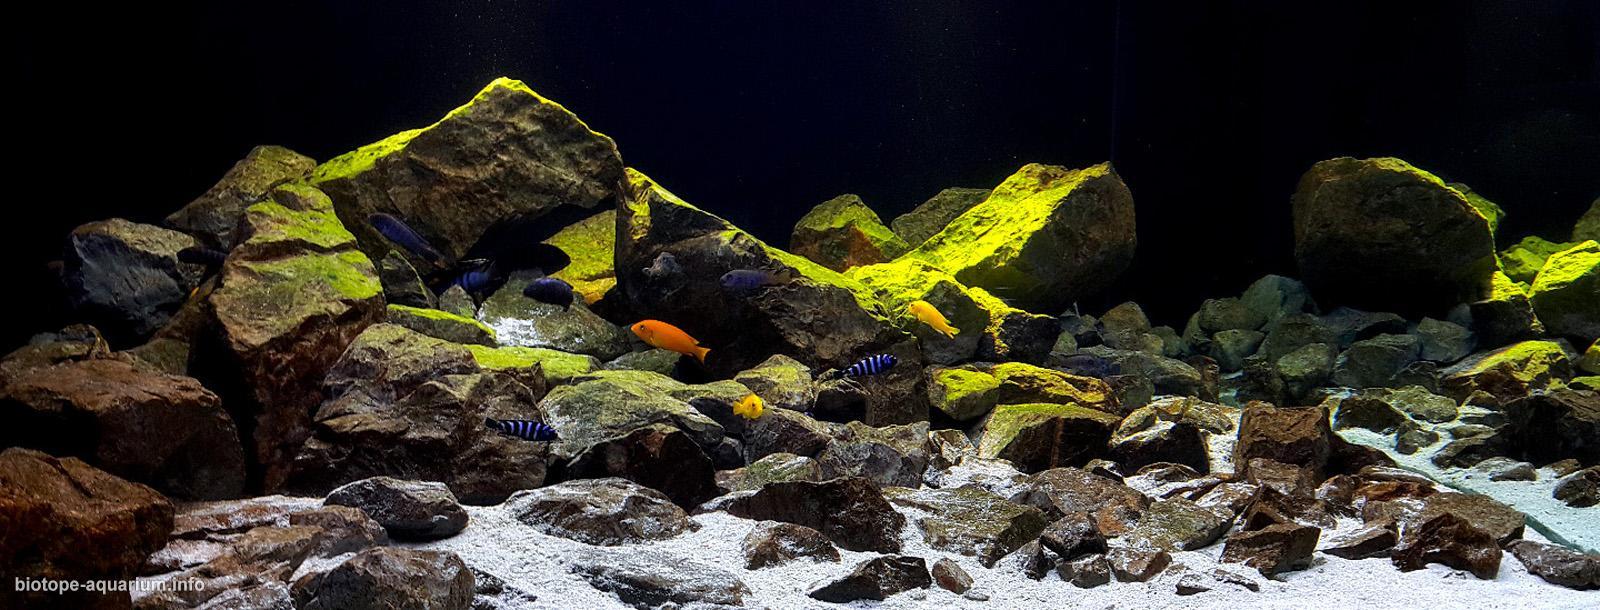 pflege eines aquariums